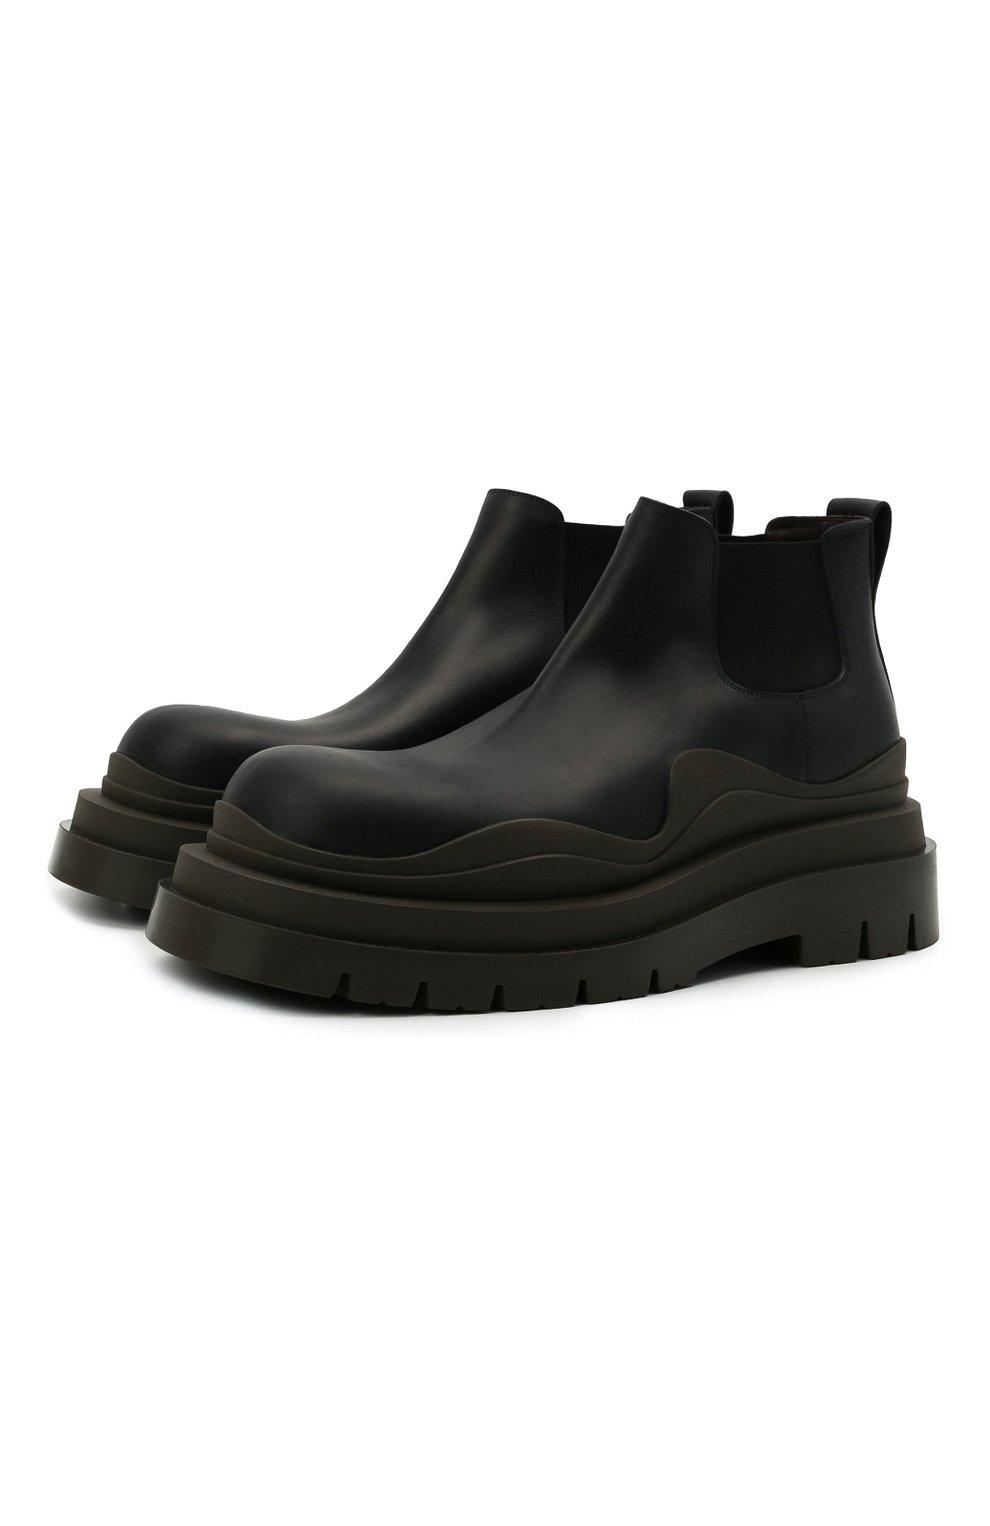 Мужские кожаные челси tire BOTTEGA VENETA черного цвета, арт. 630281/VBS50 | Фото 1 (Каблук высота: Высокий; Материал внутренний: Натуральная кожа; Подошва: Массивная; Мужское Кросс-КТ: Сапоги-обувь, Челси-обувь)